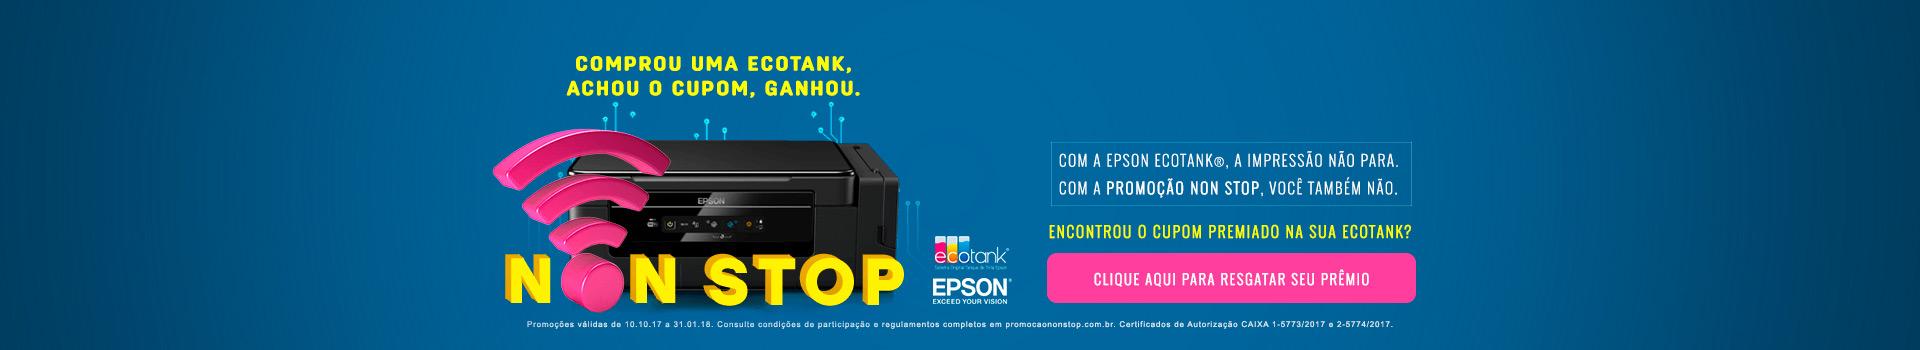 Promoção Epson EcoTank